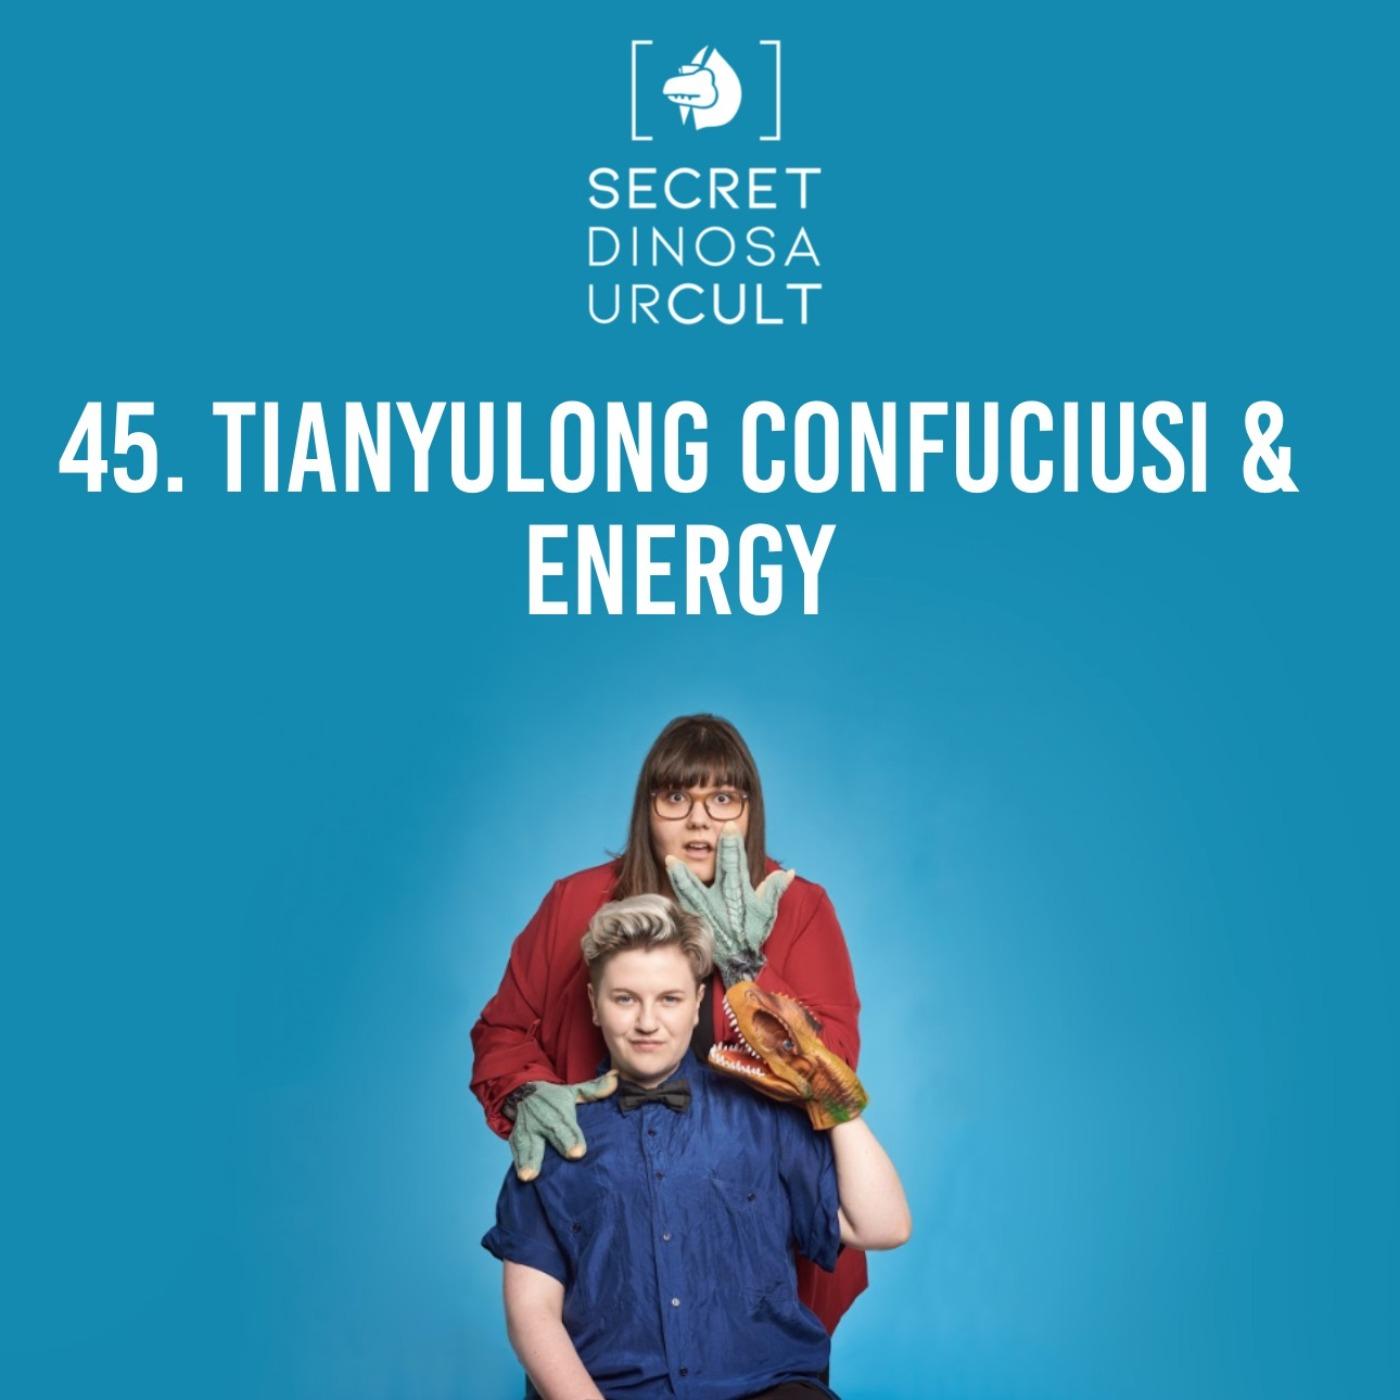 Tianyulong Confuciusi & Energy